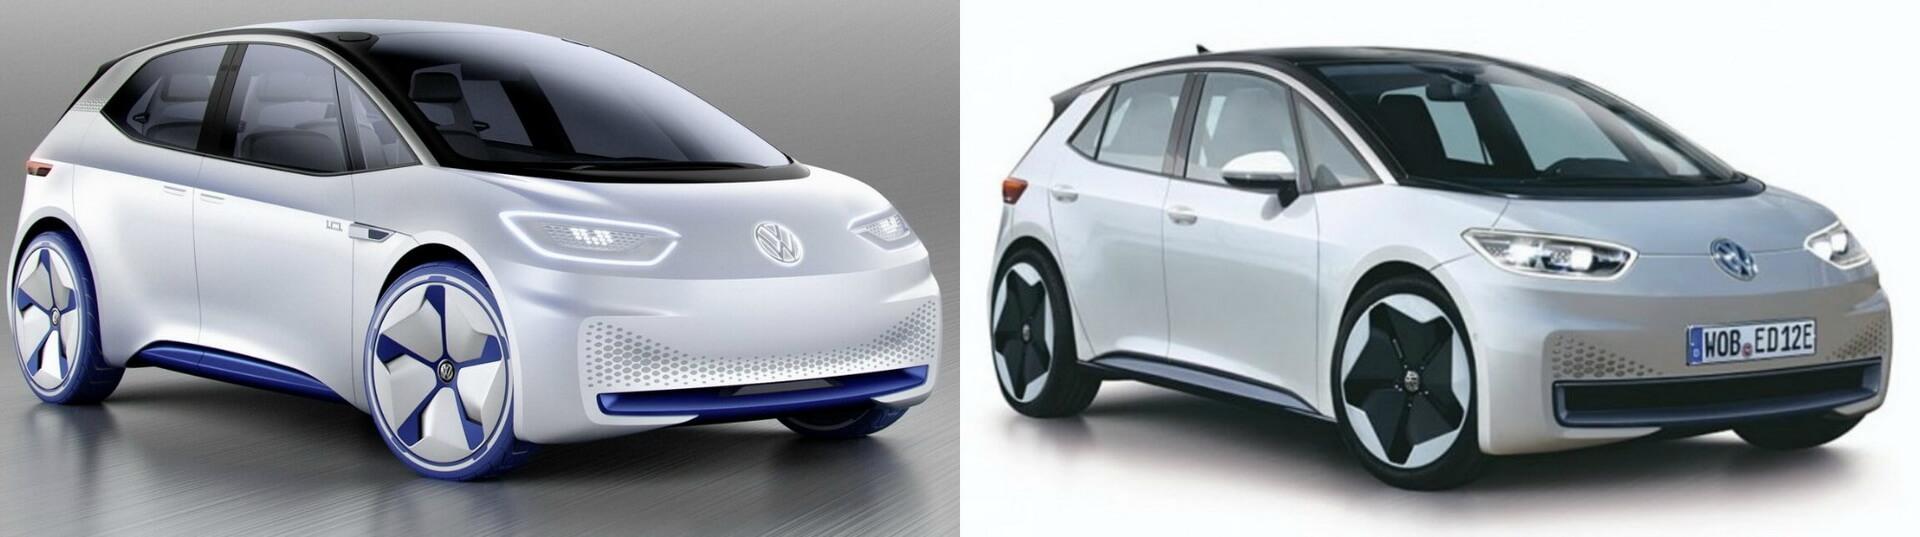 Концептуальная версия Volkswagen I.D. (слева) - производственный прототип Volkswagen NEO (справа)